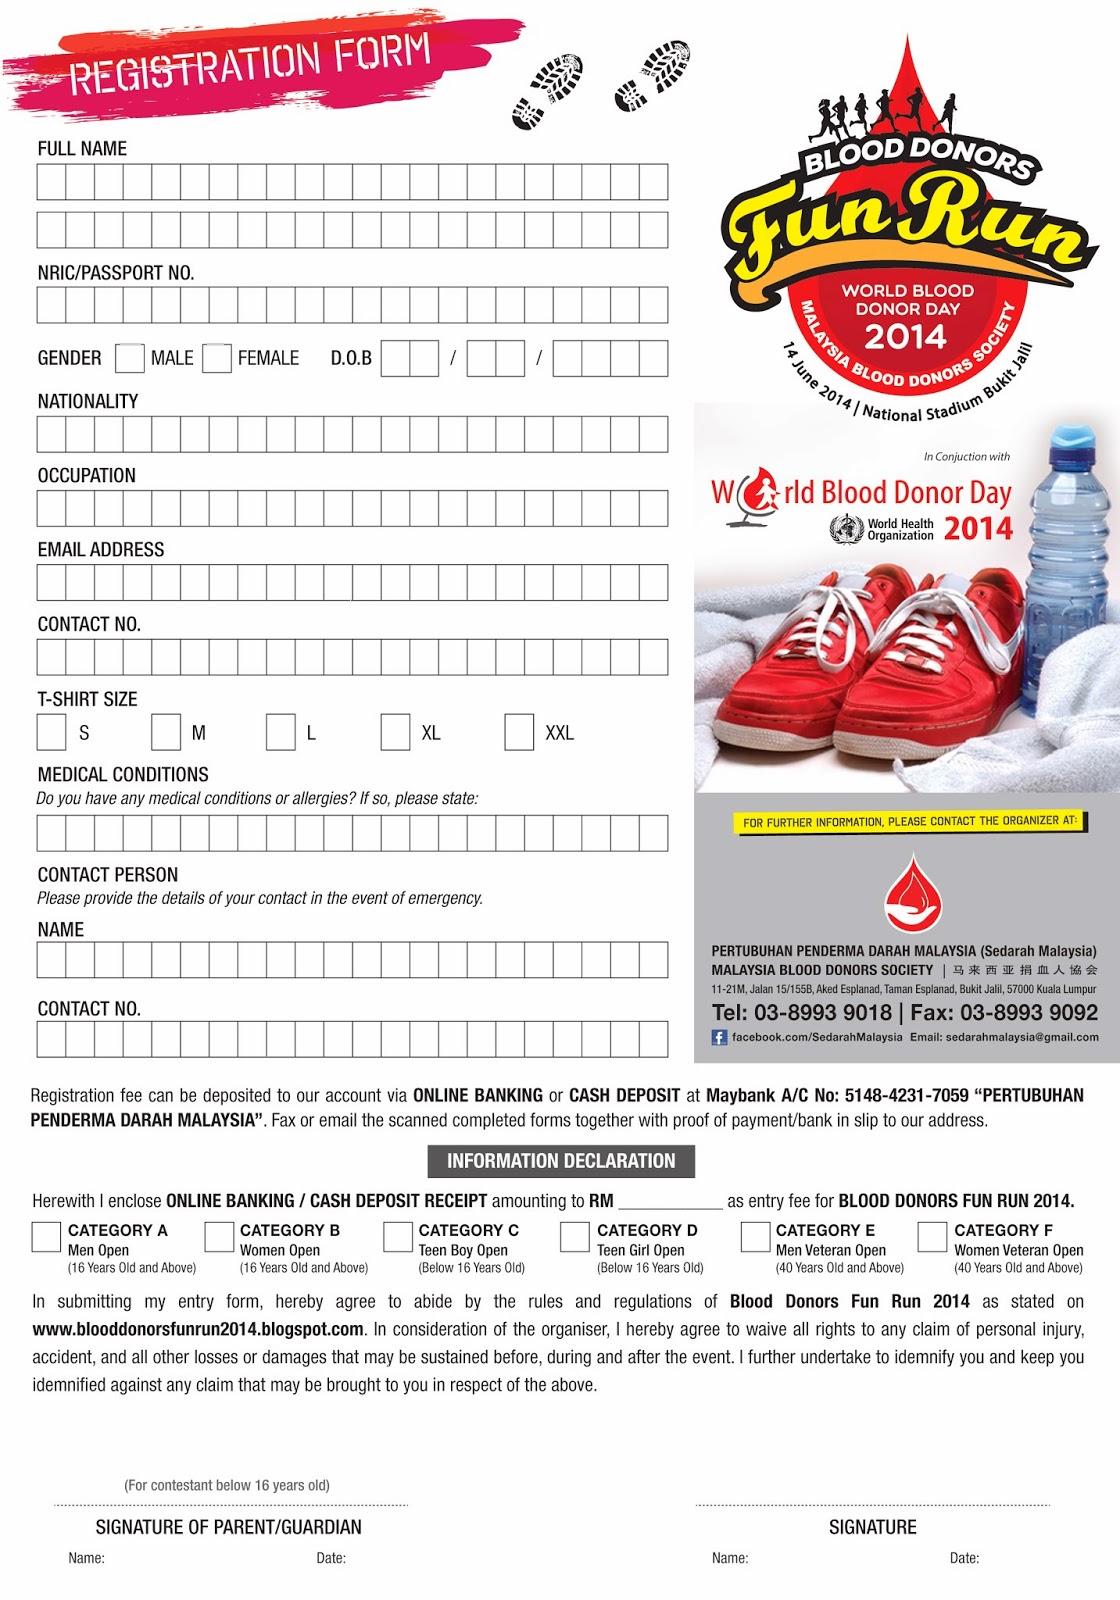 blood donor fun run 2014